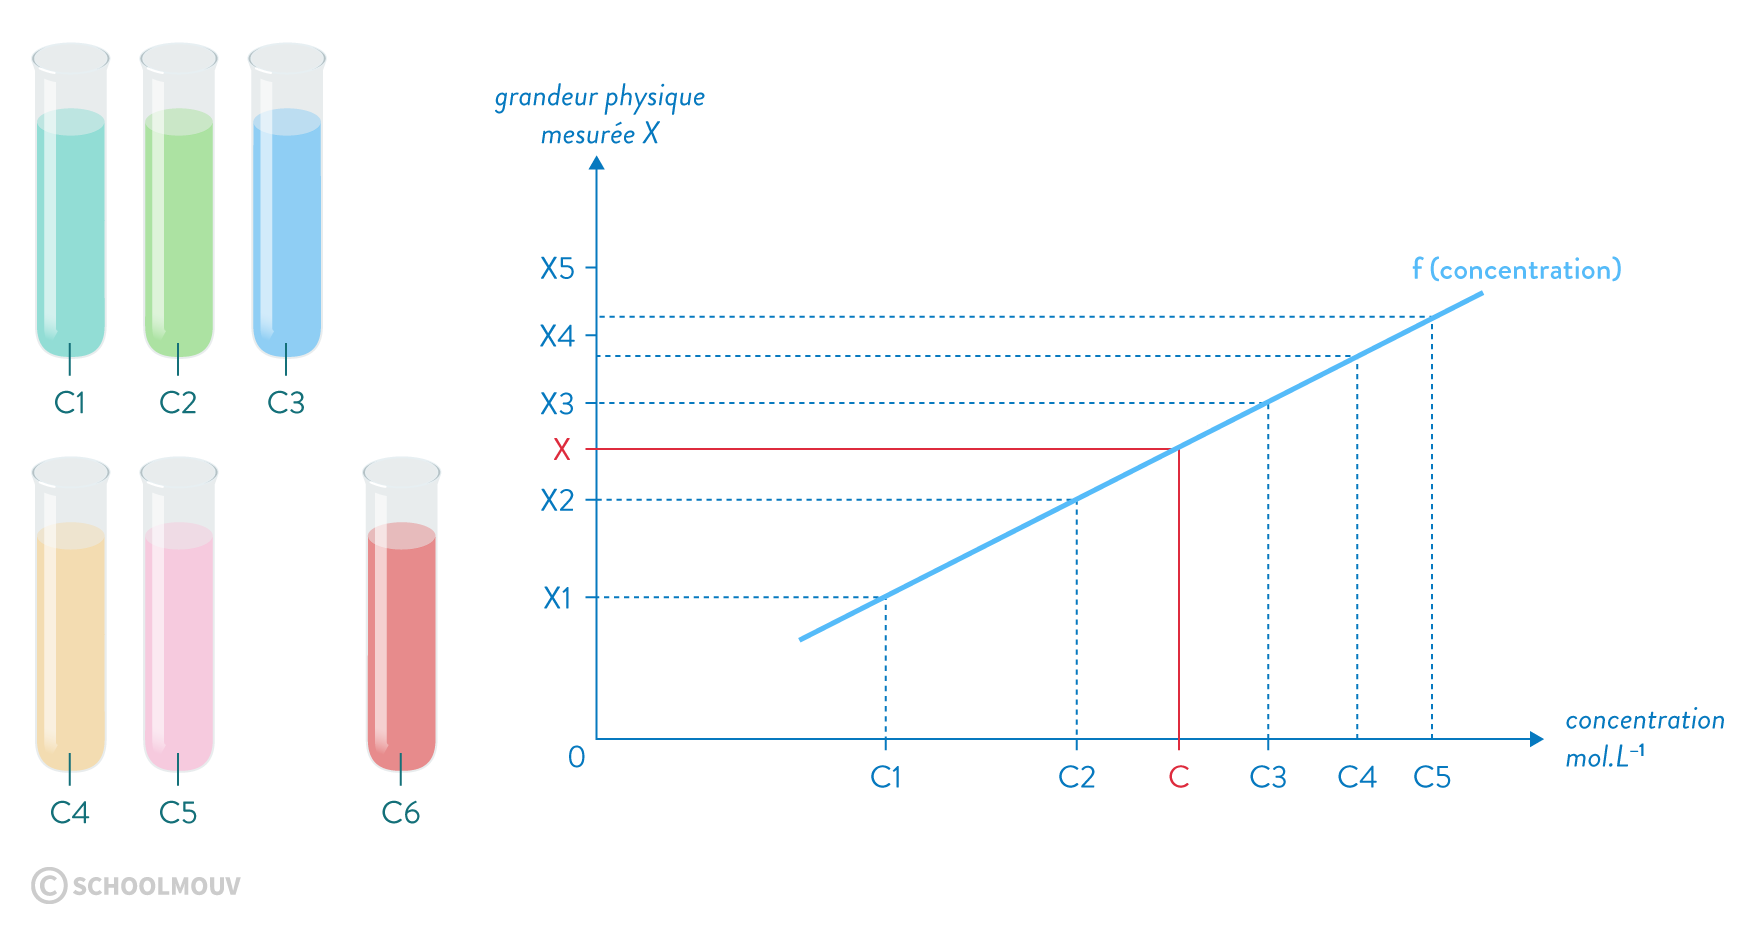 physique chimie seconde composition d'un mélange Traçage d'une courbe d'étalonnage